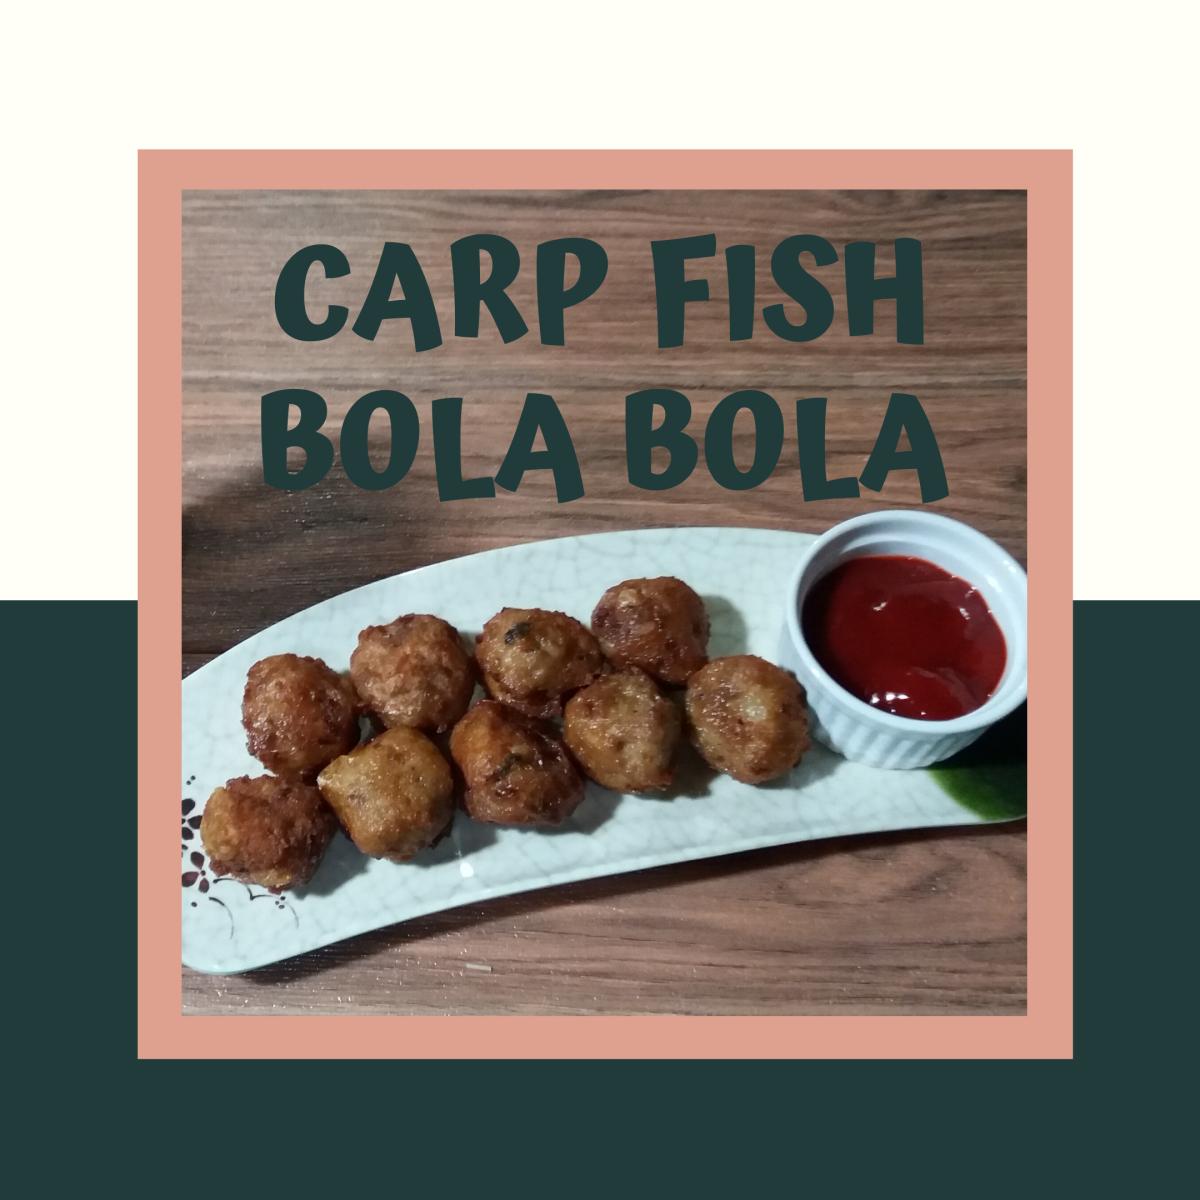 Filipino-style carp fish bola bola